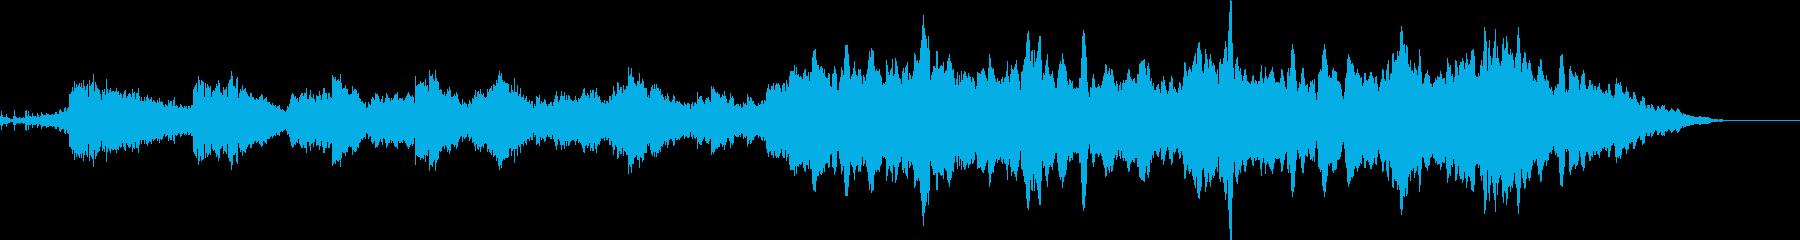 世界ニューエイジ研究所ケルト風味。...の再生済みの波形